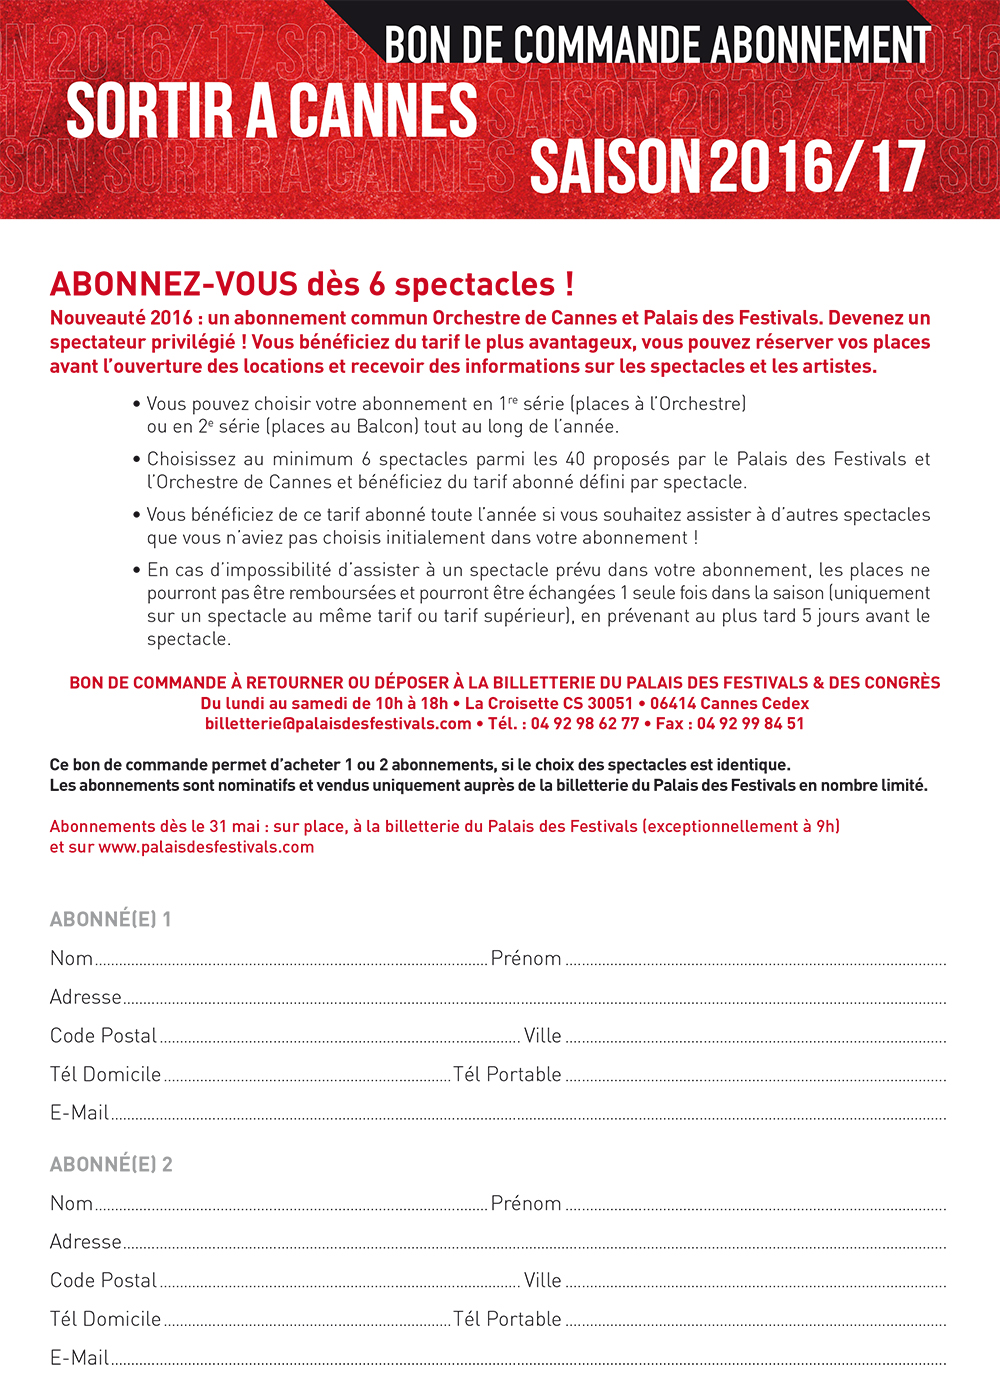 BDC Abonnement - A4.indd